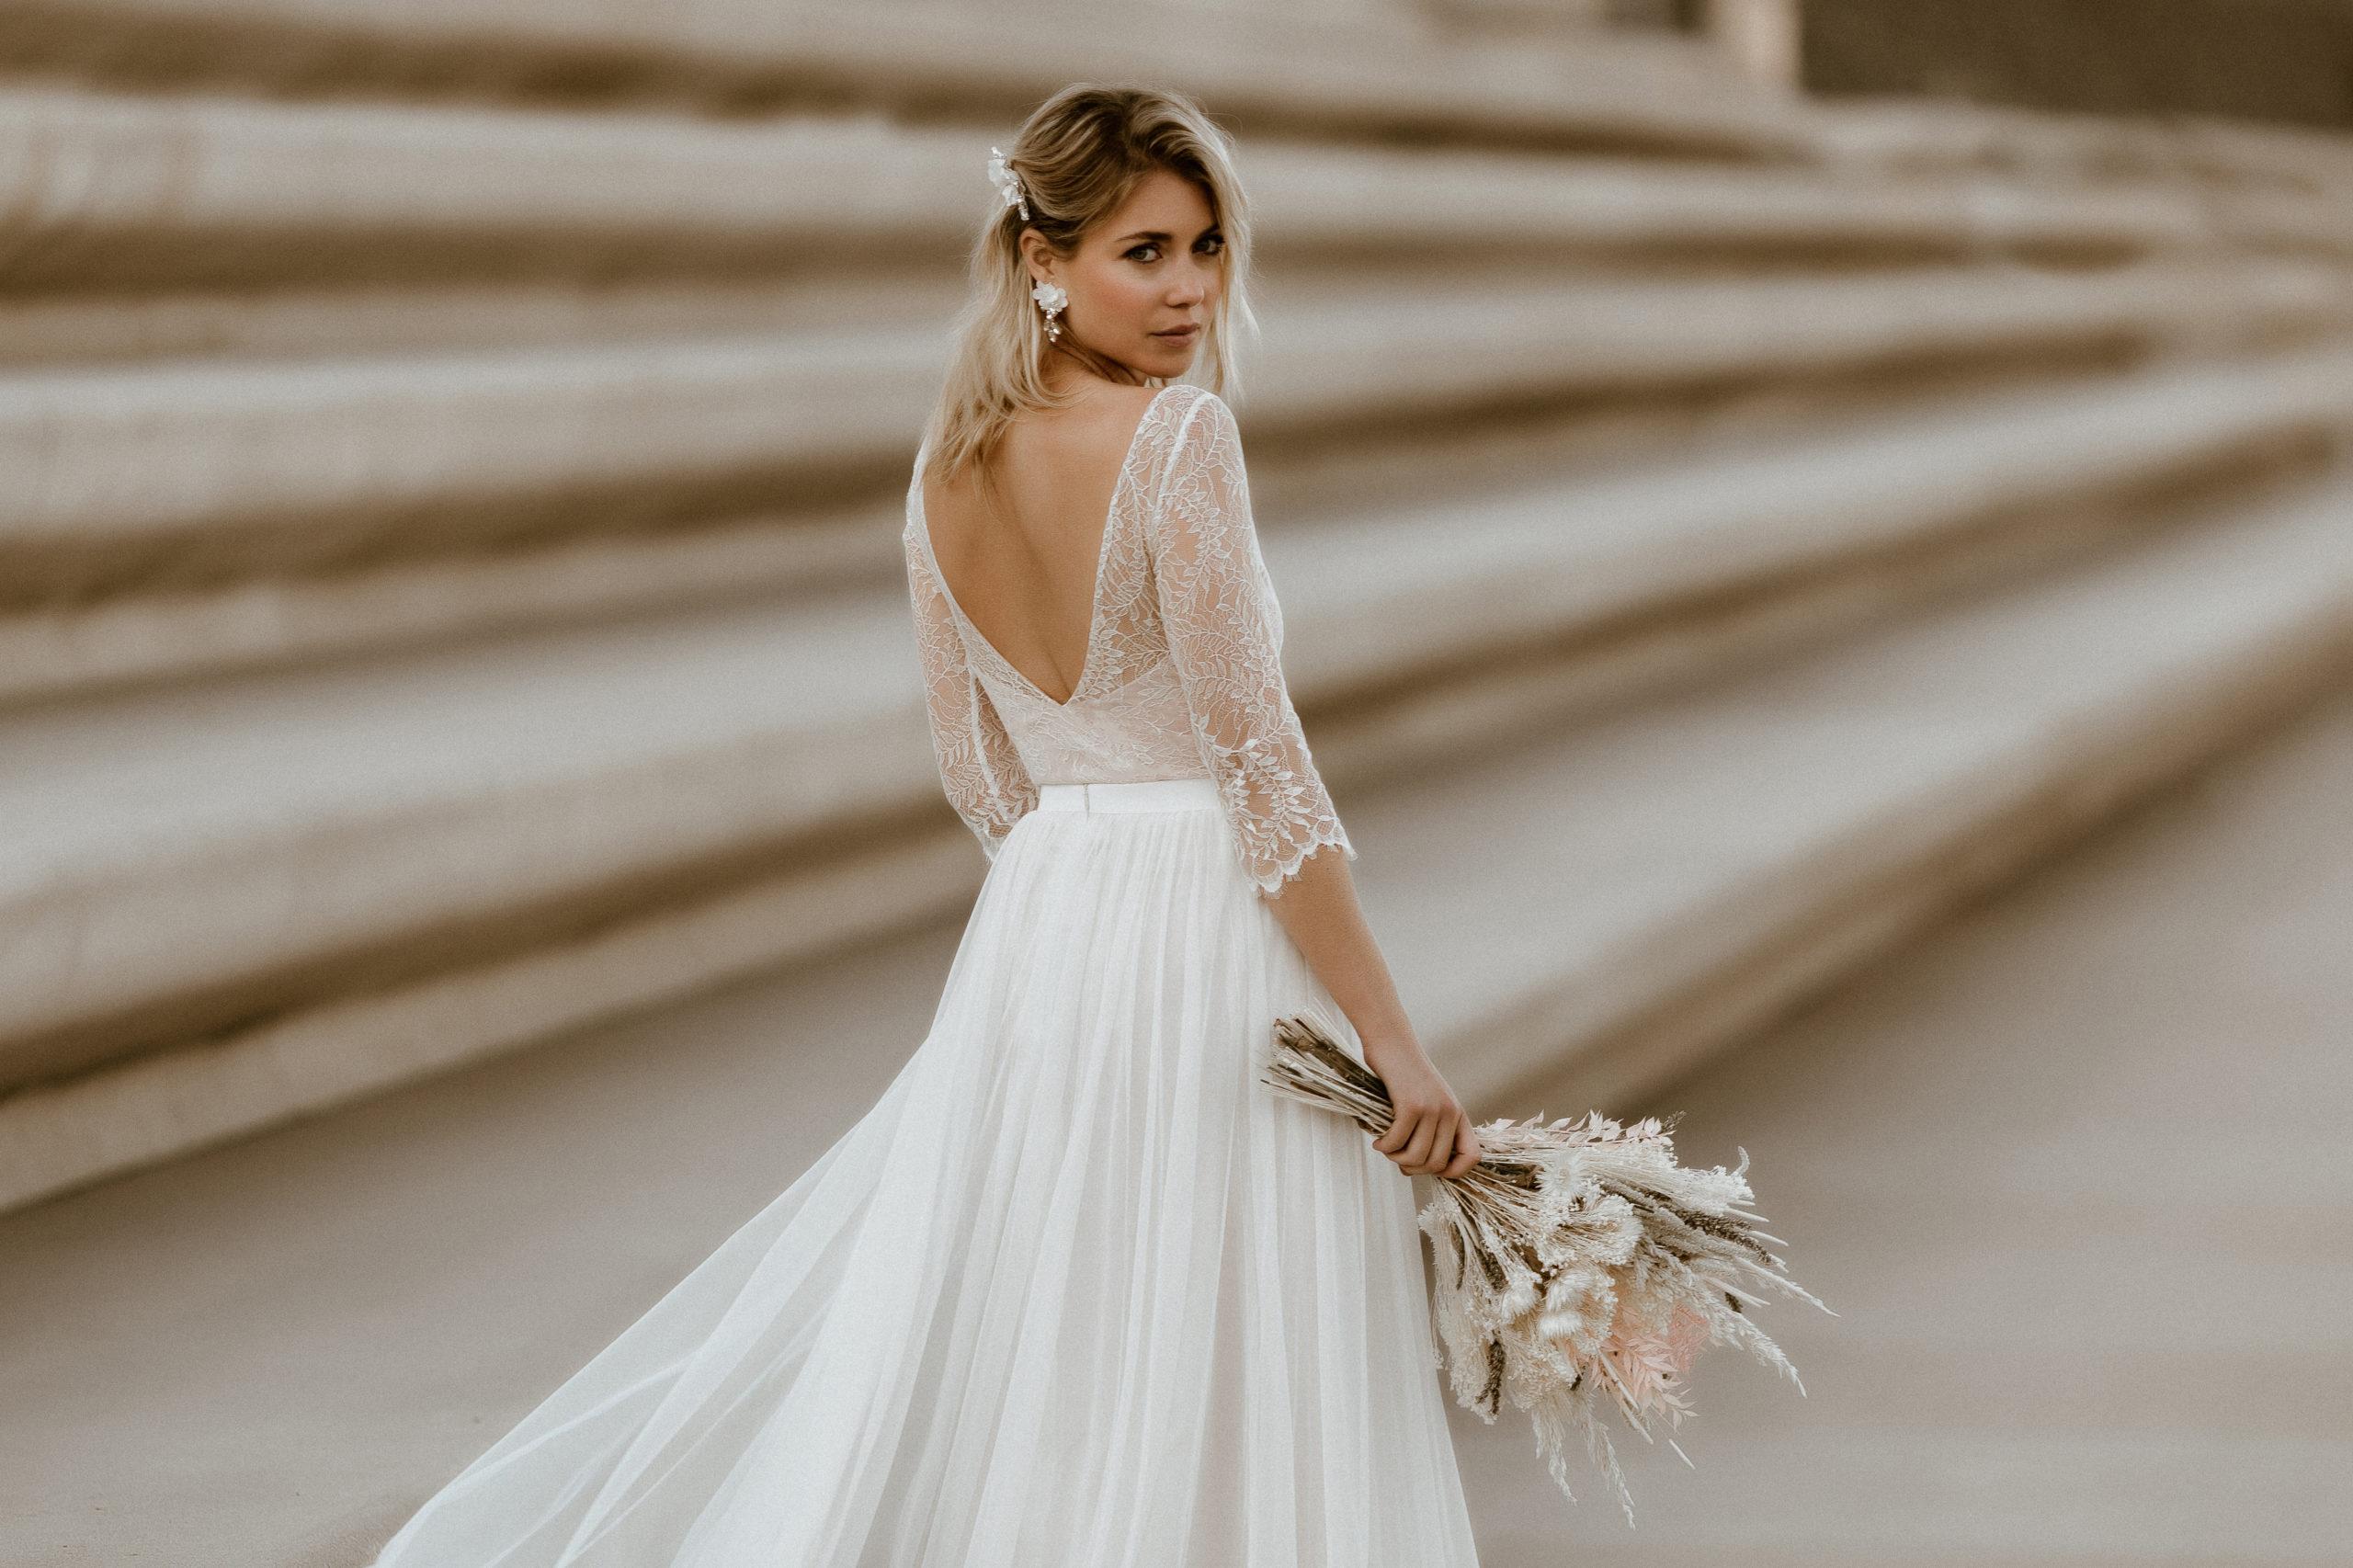 Brautkleider Kollektion 2021. Zweilteiliges Brautkleid aus Brautbody aus Spitze und Tüllrock mit Schleppe.